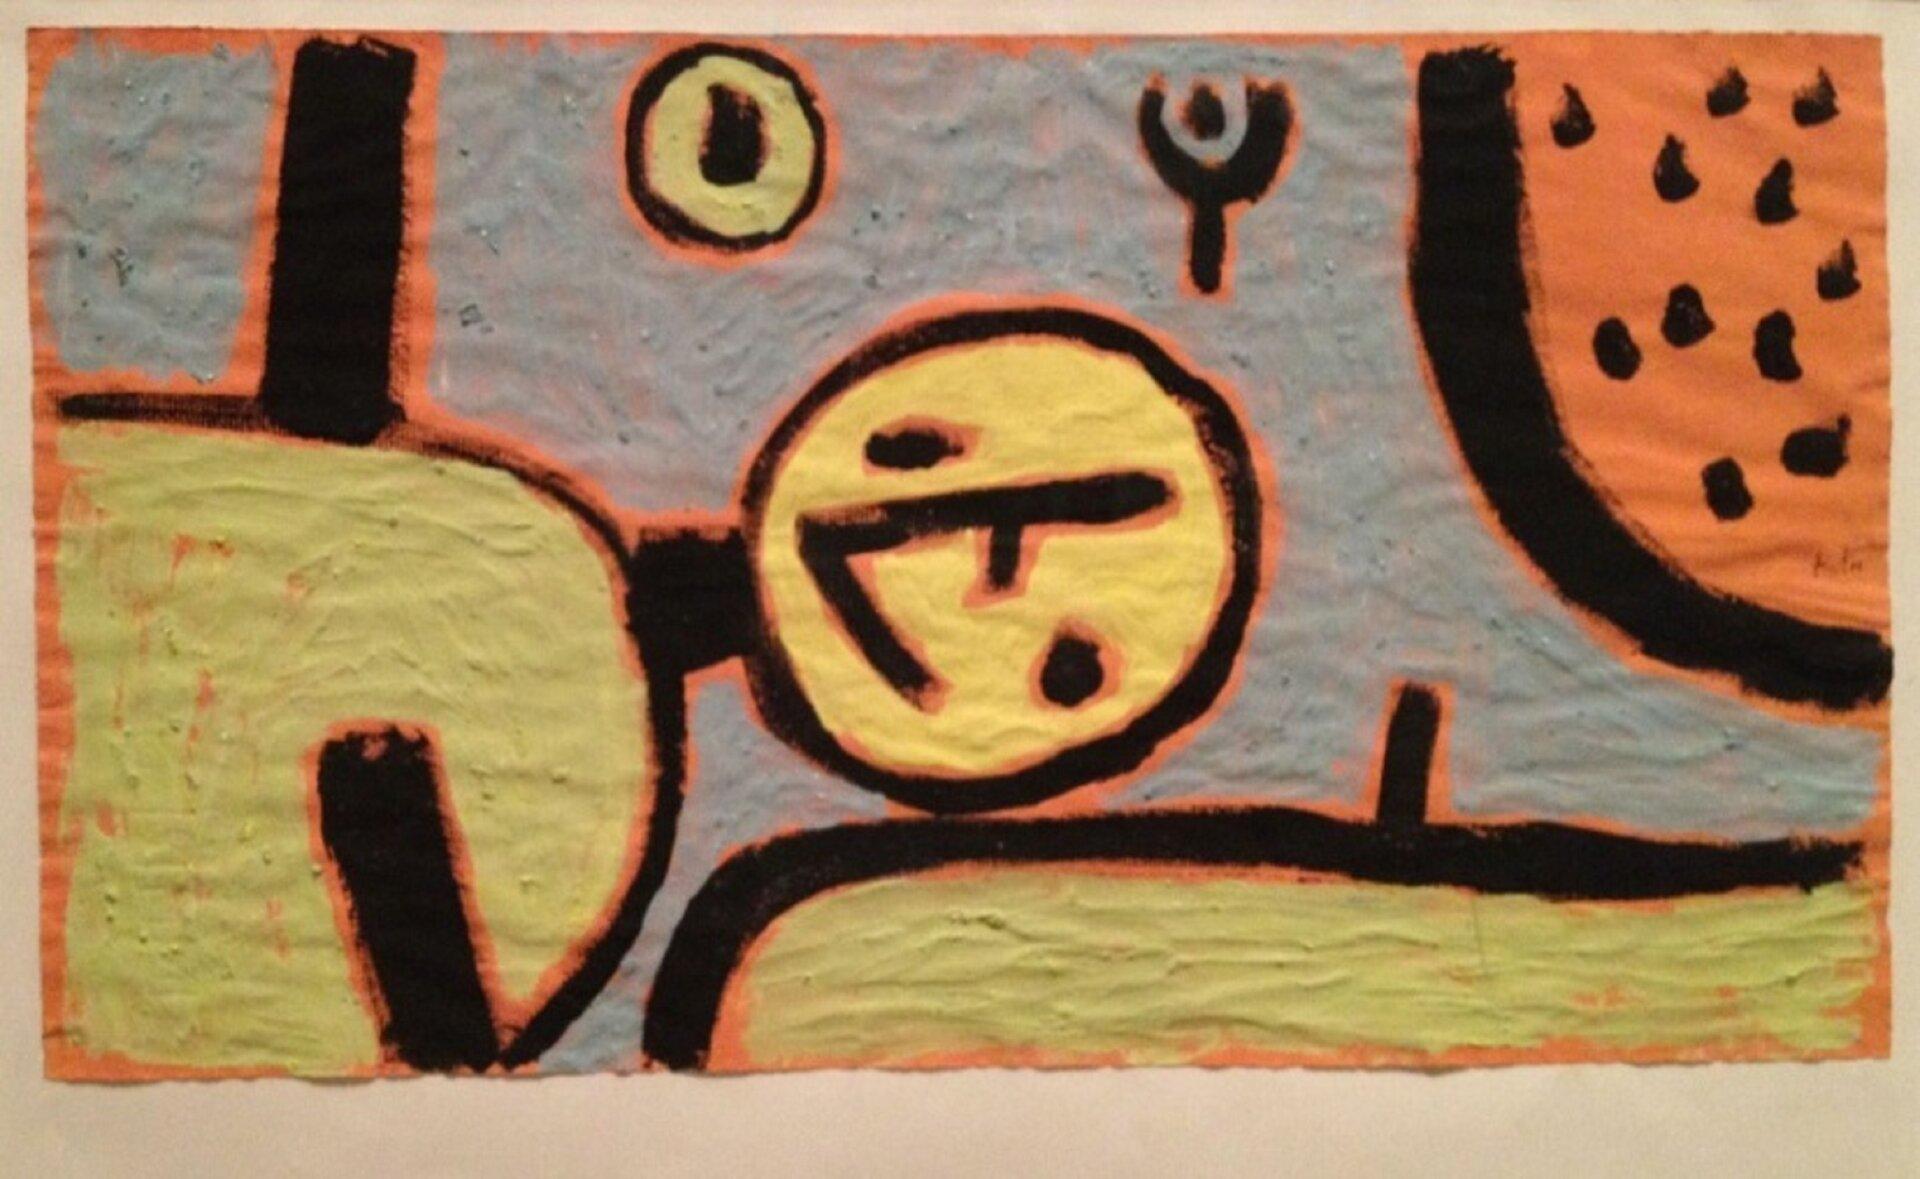 """Ilustracja przedstawia obraz Paula Klee """"Klaun włóżku"""". Artysta namalował dzieło, wykorzystując płaską plamę iczarny kontur. Po lewej stronie zamieścił fragment leżącego żółtego klauna, pod którego głową znajduje się poduszka. Klaun ma schematycznie narysowane elementy twarzy: dwa punkty to oczy, anos to łamana linia. Również ręce postaci są dwiema krótkimi liniami. Malarz posłużył się żółtą plamą zczarnym konturem zpomarańczową poświatą. Wprawym górnym rogu namalował pomarańczową plamę zkonturem ipunktami wśrodku."""